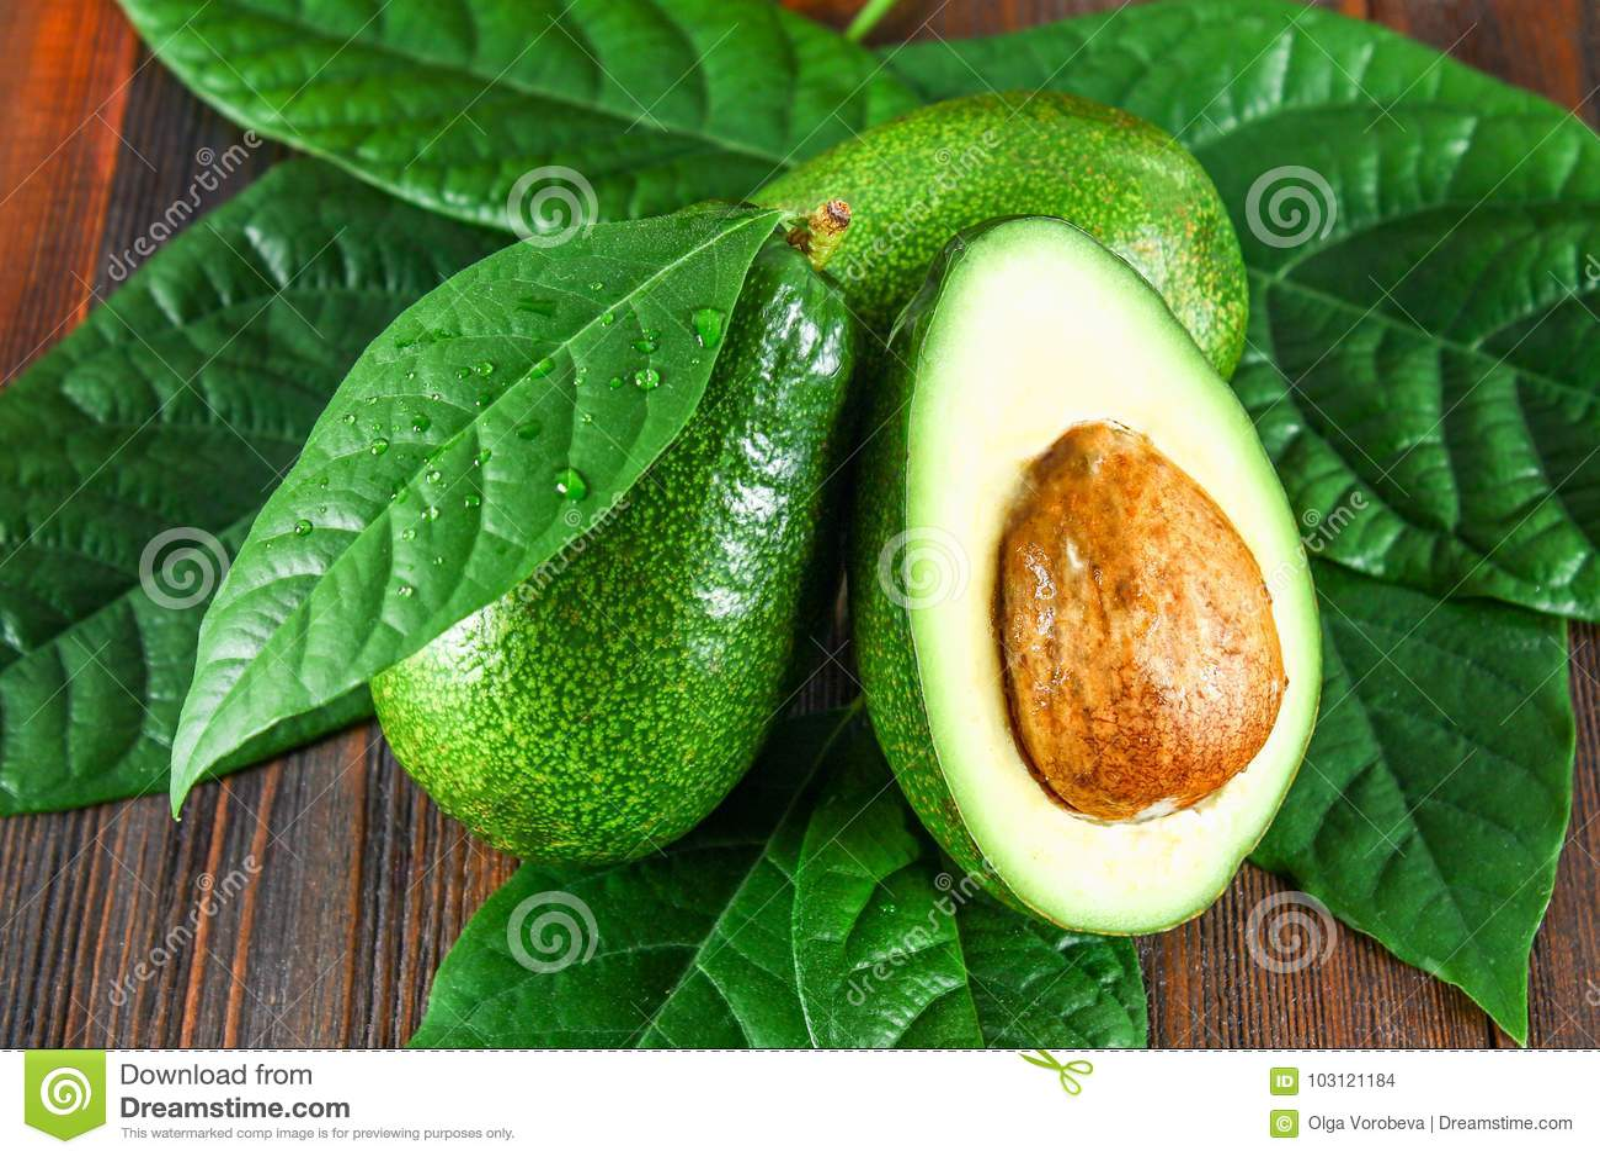 Drie groene ruwe rijpe avocadovruchten en een besnoeiing half met een been met bladeren op een bruine houten lijst